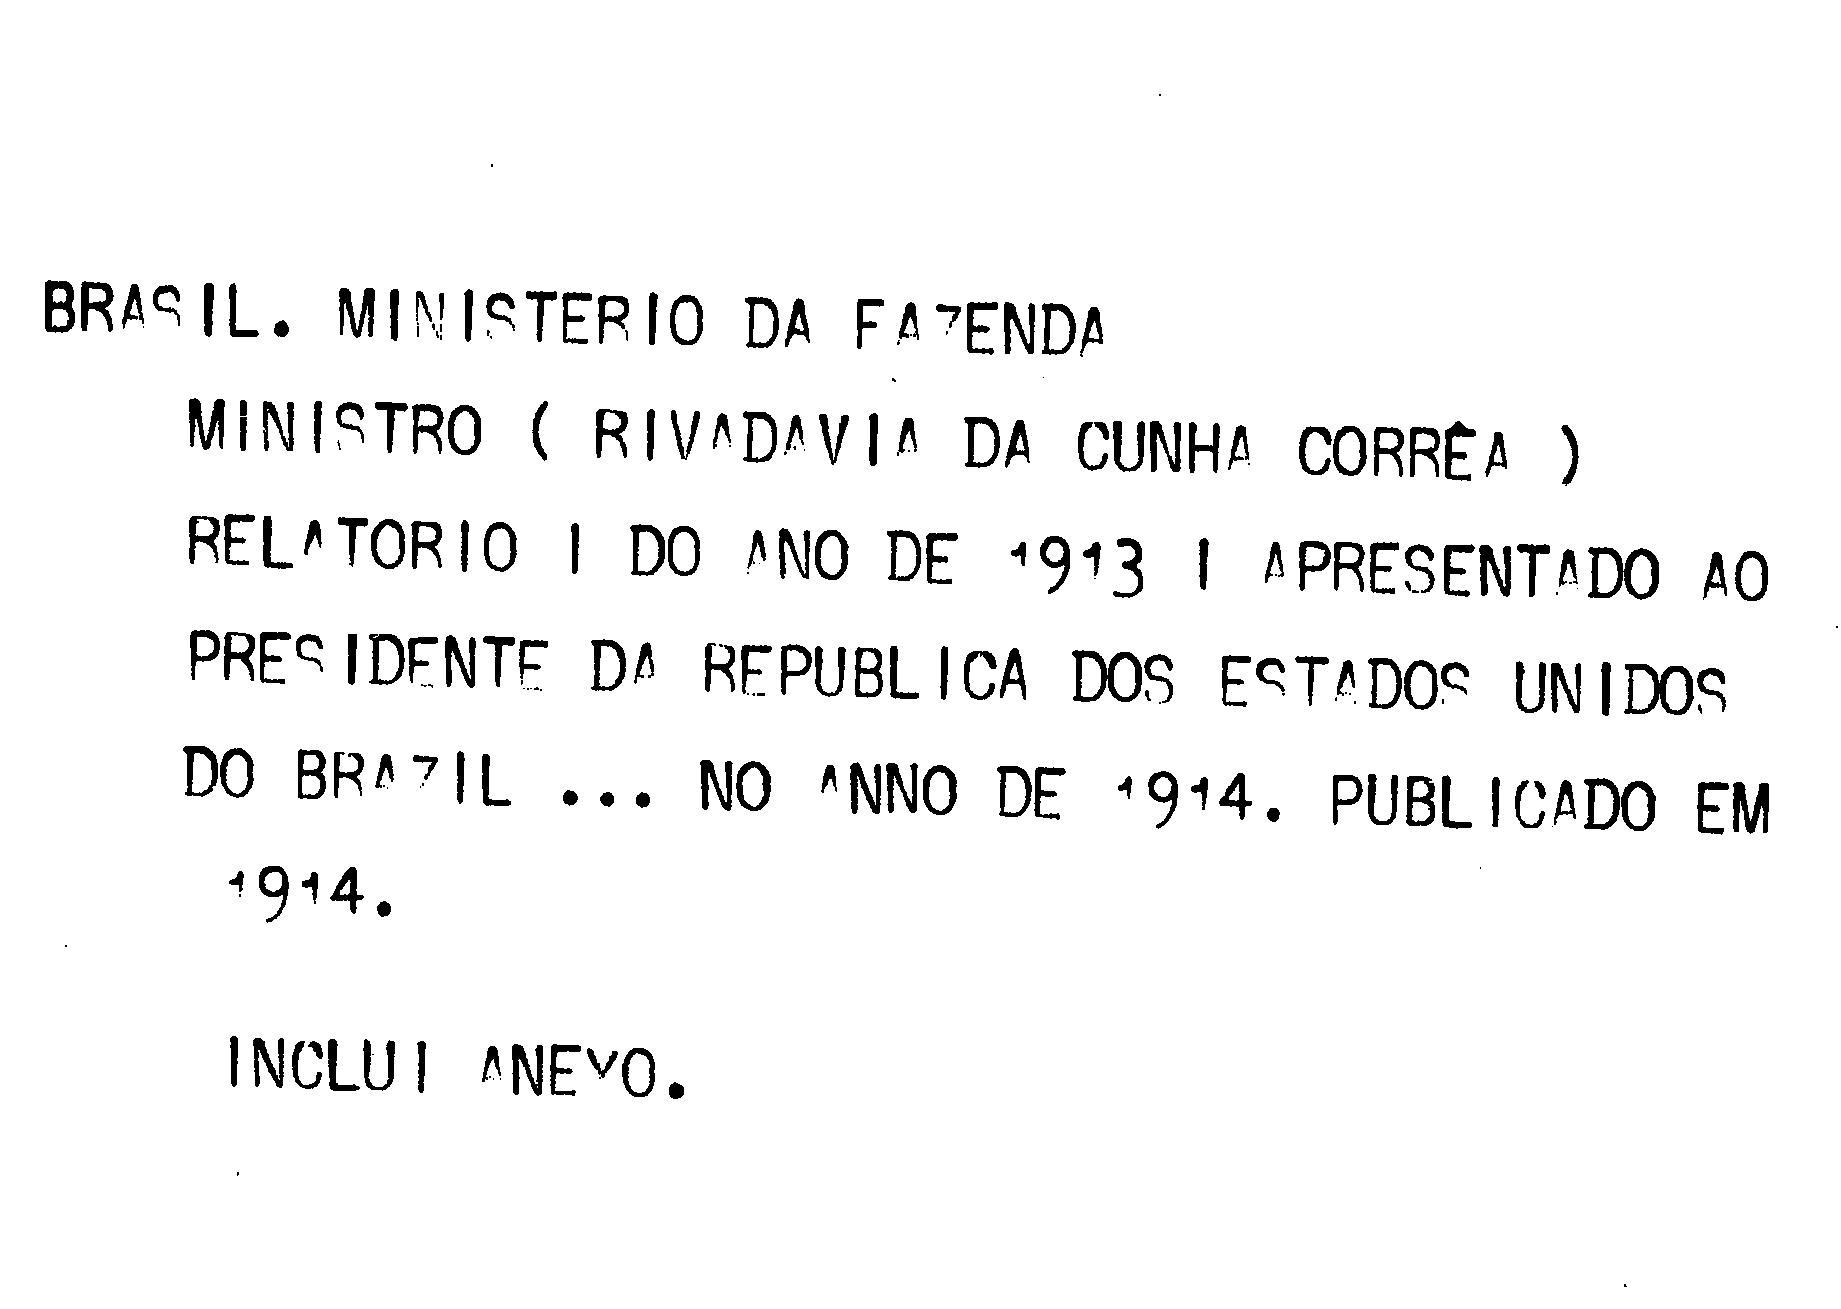 Ministerio da Fazenda - Relatório apresentado ao presidente da República dos Estados Unidos do Brazil pelo Ministro de Estado dos Negócios da Fazenda no anno de 1914, 26º da República - volume I